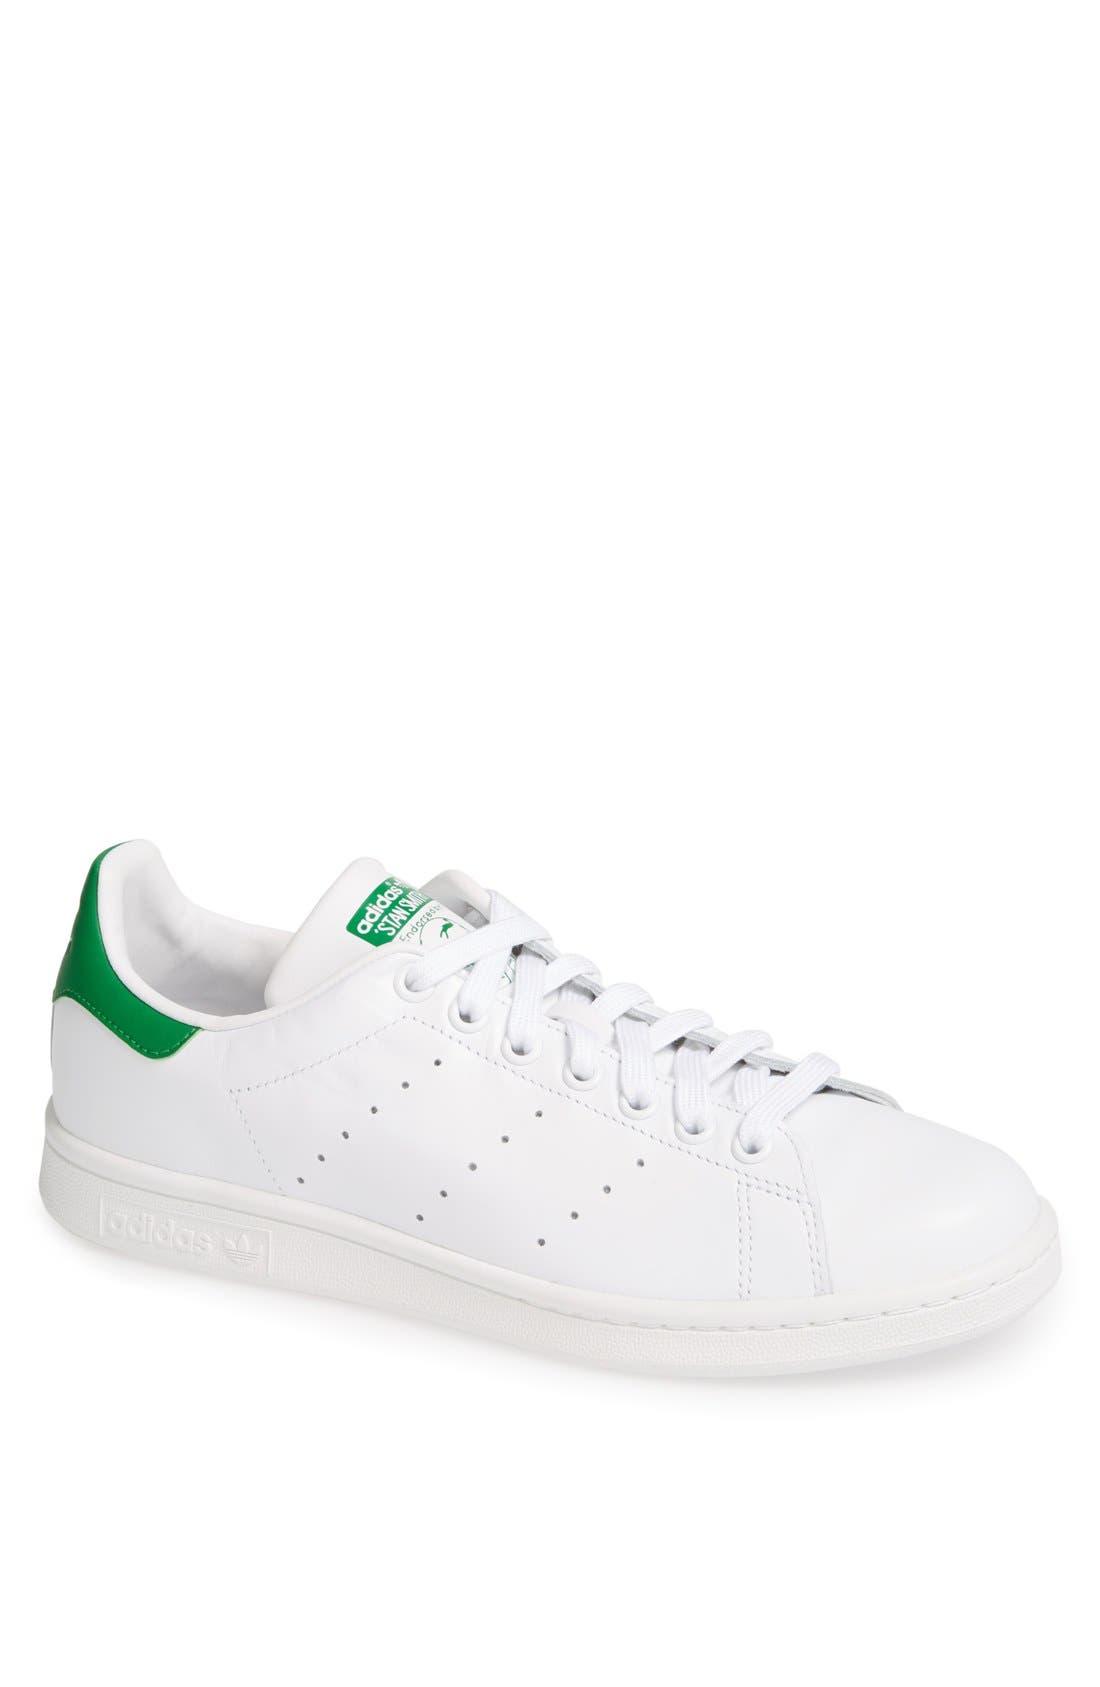 adidas \u0027Stan Smith\u0027 Sneaker ...